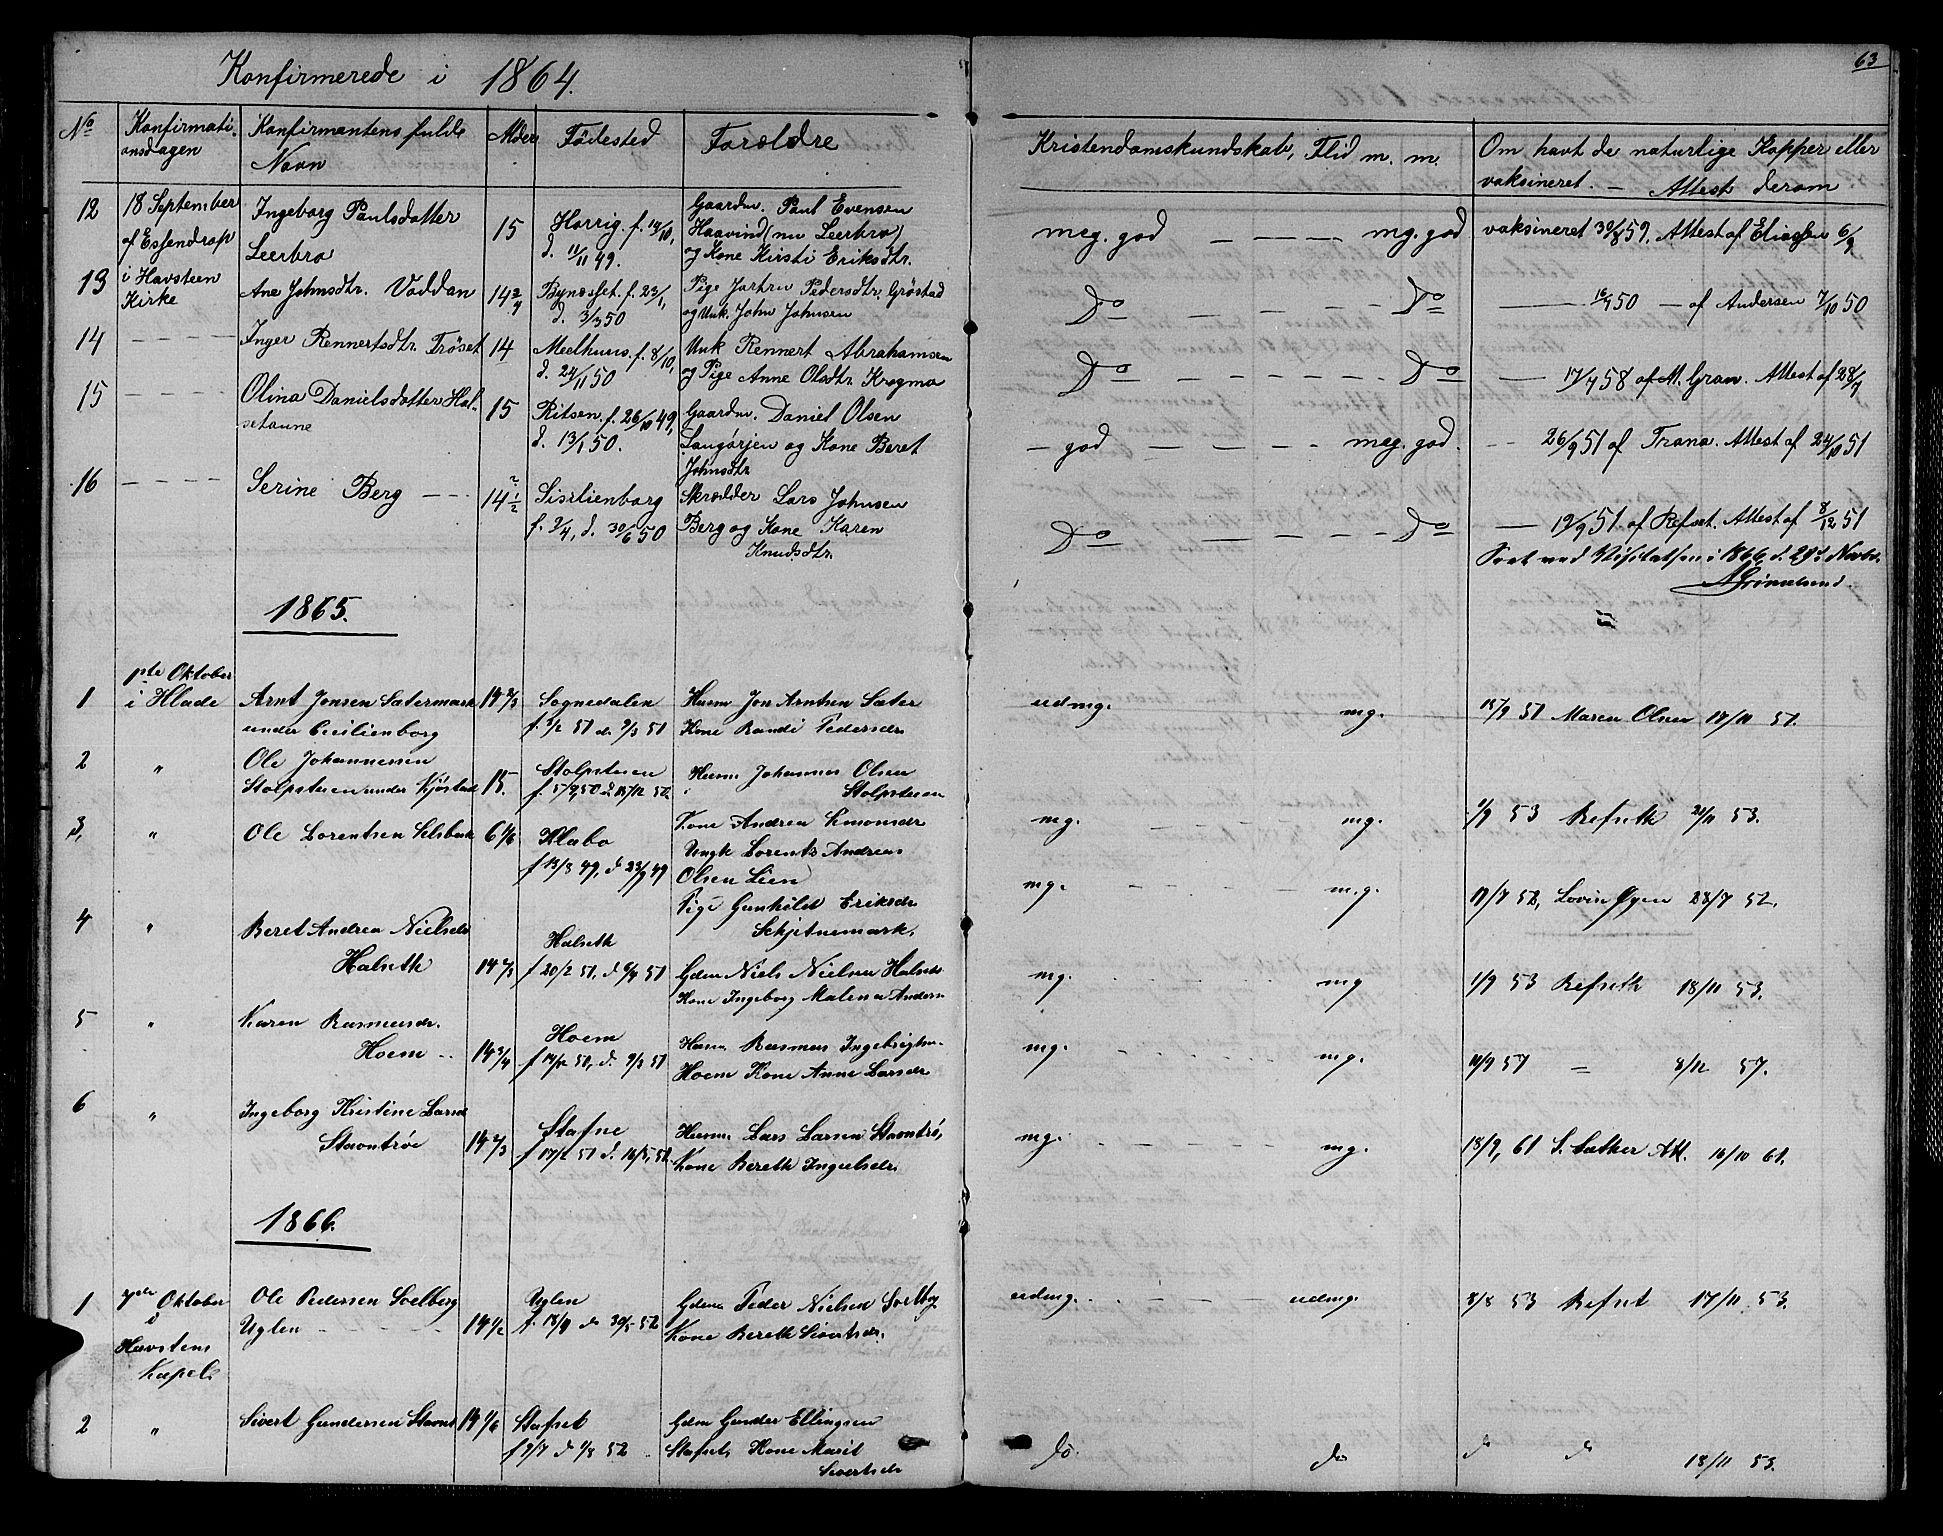 SAT, Ministerialprotokoller, klokkerbøker og fødselsregistre - Sør-Trøndelag, 611/L0353: Klokkerbok nr. 611C01, 1854-1881, s. 63